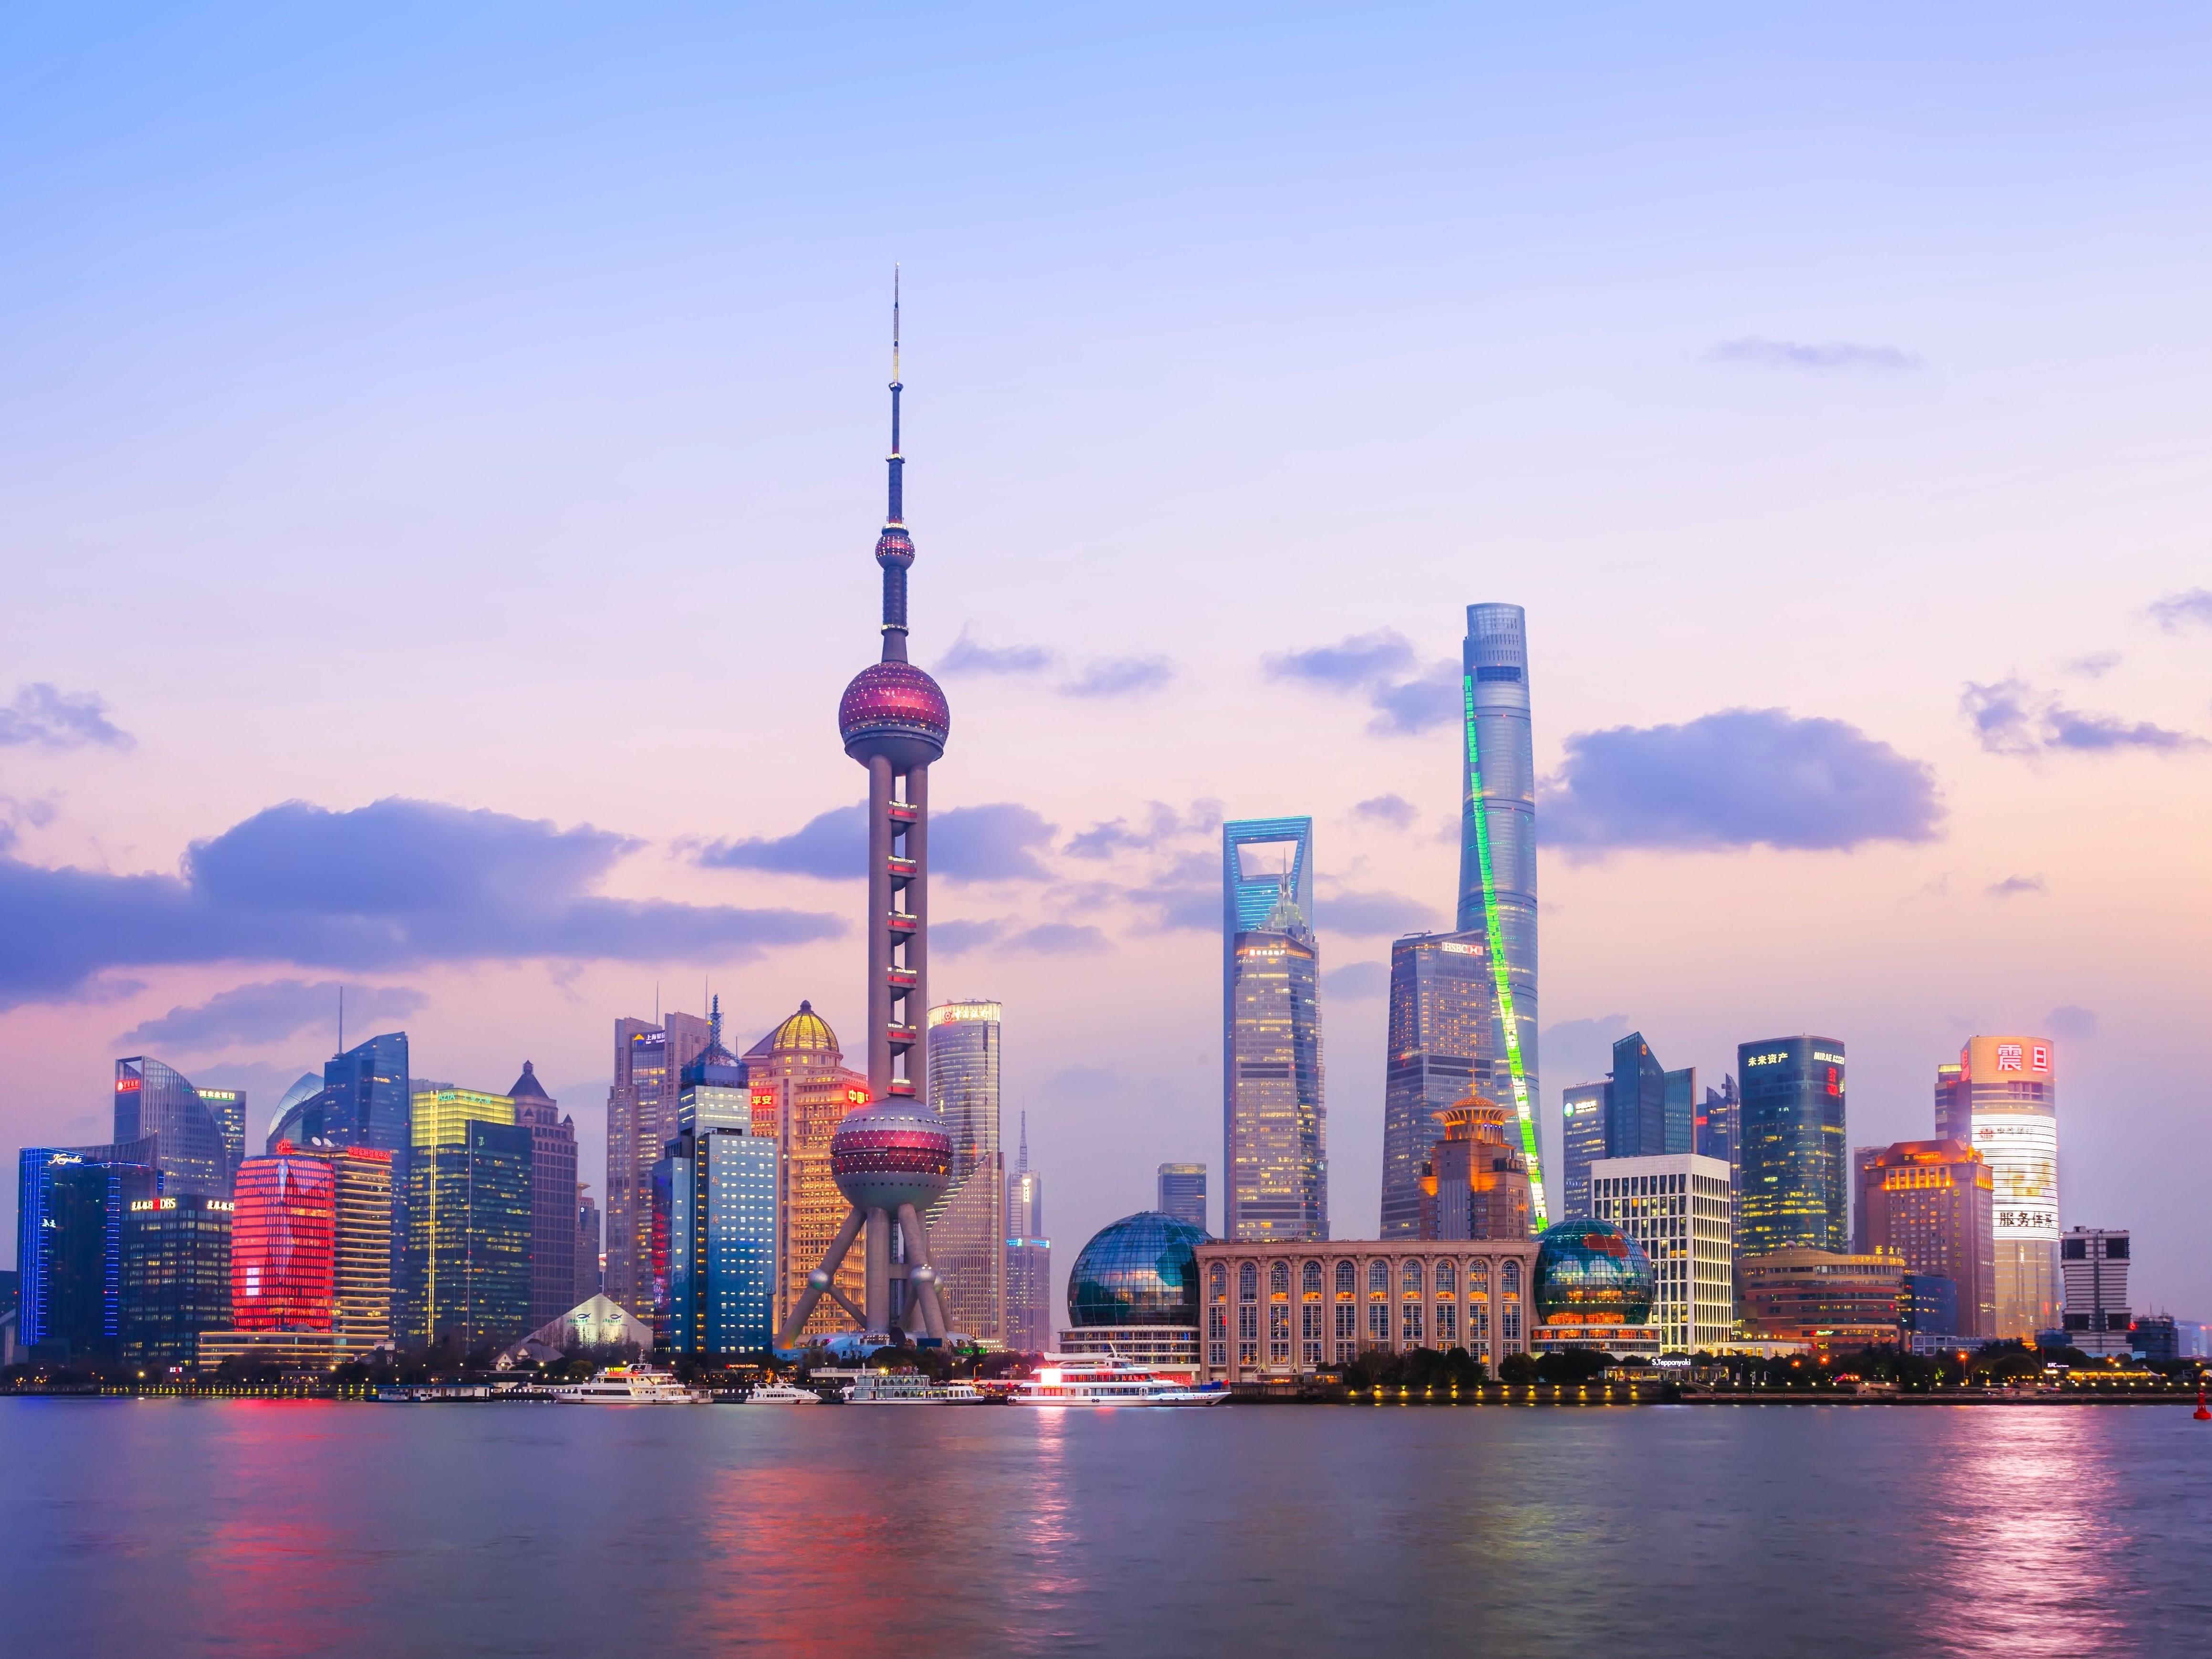 Shanghai, China. Image credit: Edward He/unsplash